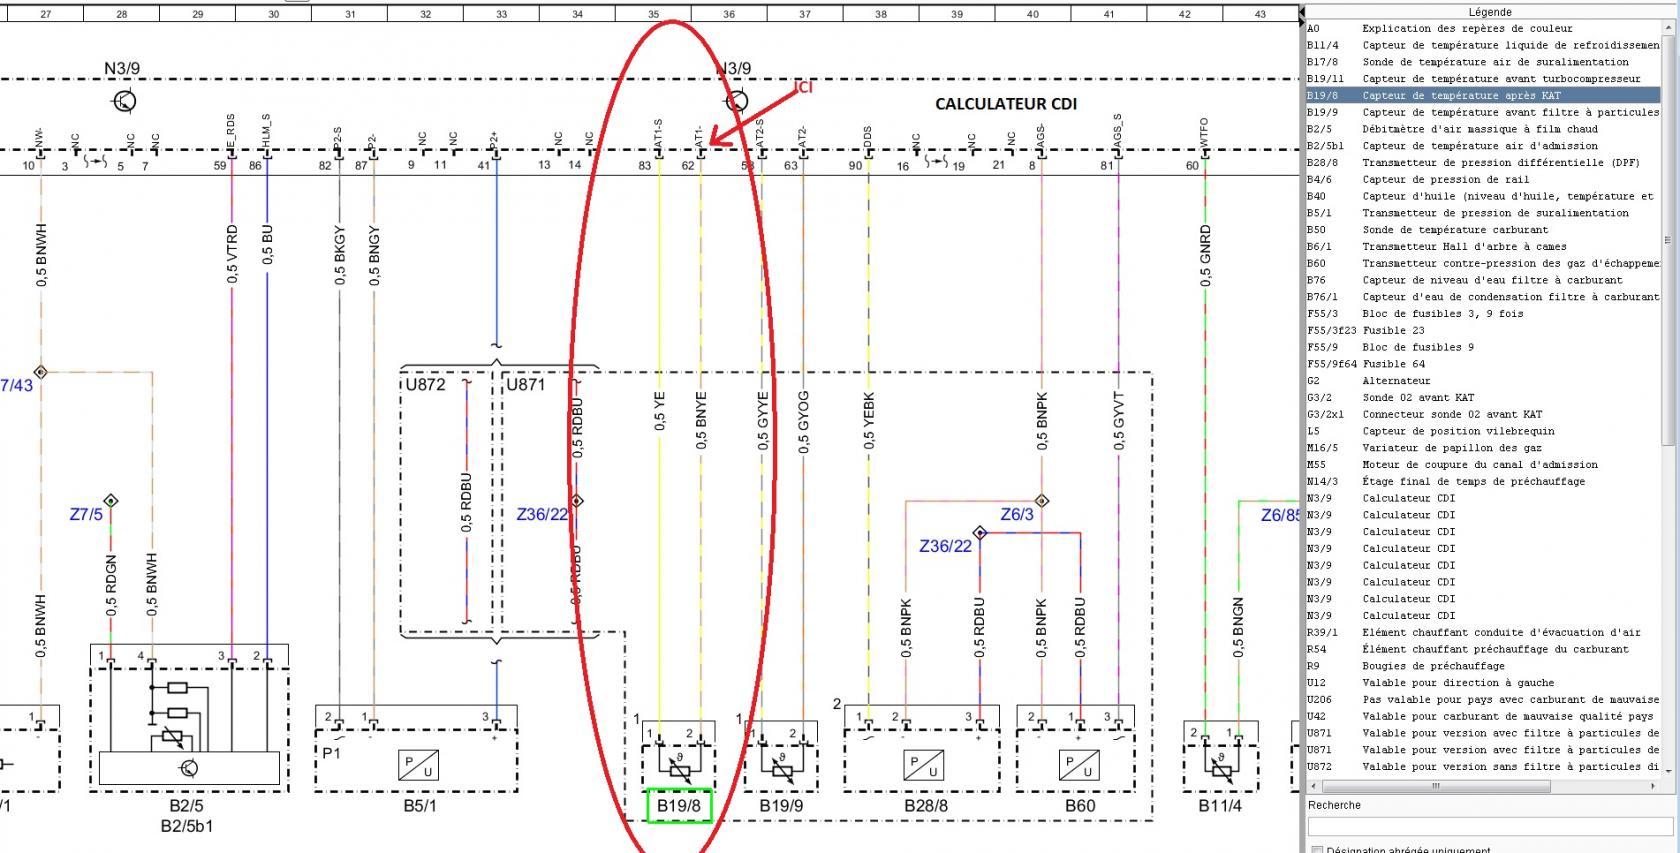 sonde-temperature-apres-catalyseur-2-WDD1690071J162126.jpeg